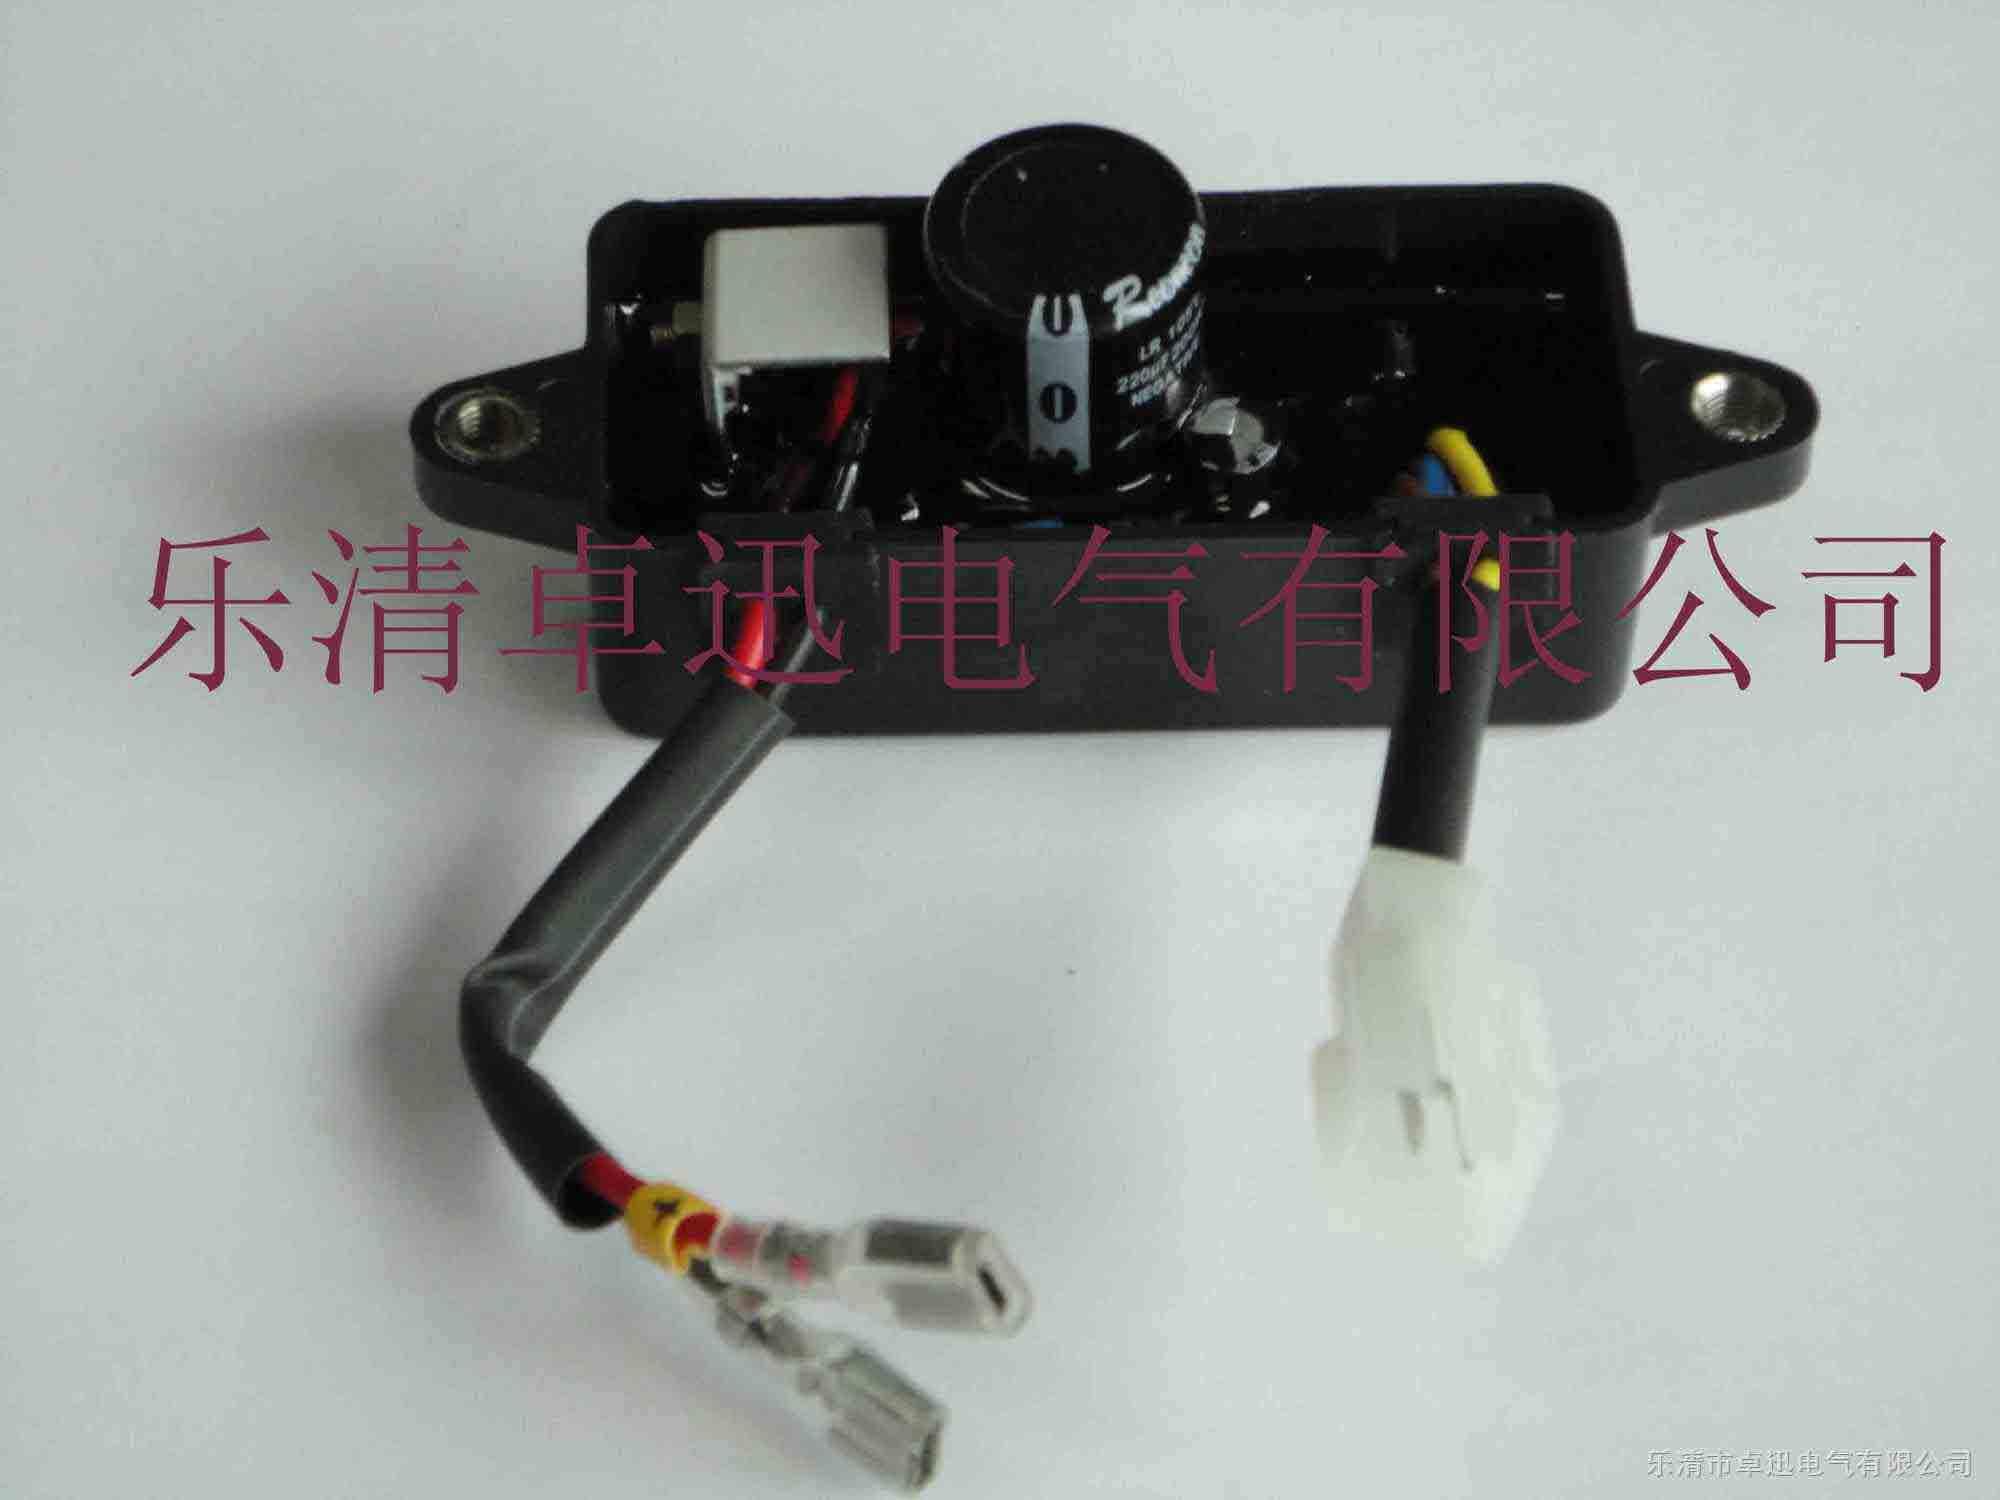 发电机自动电压调节器q1s/发电机avr/调压板/汽油